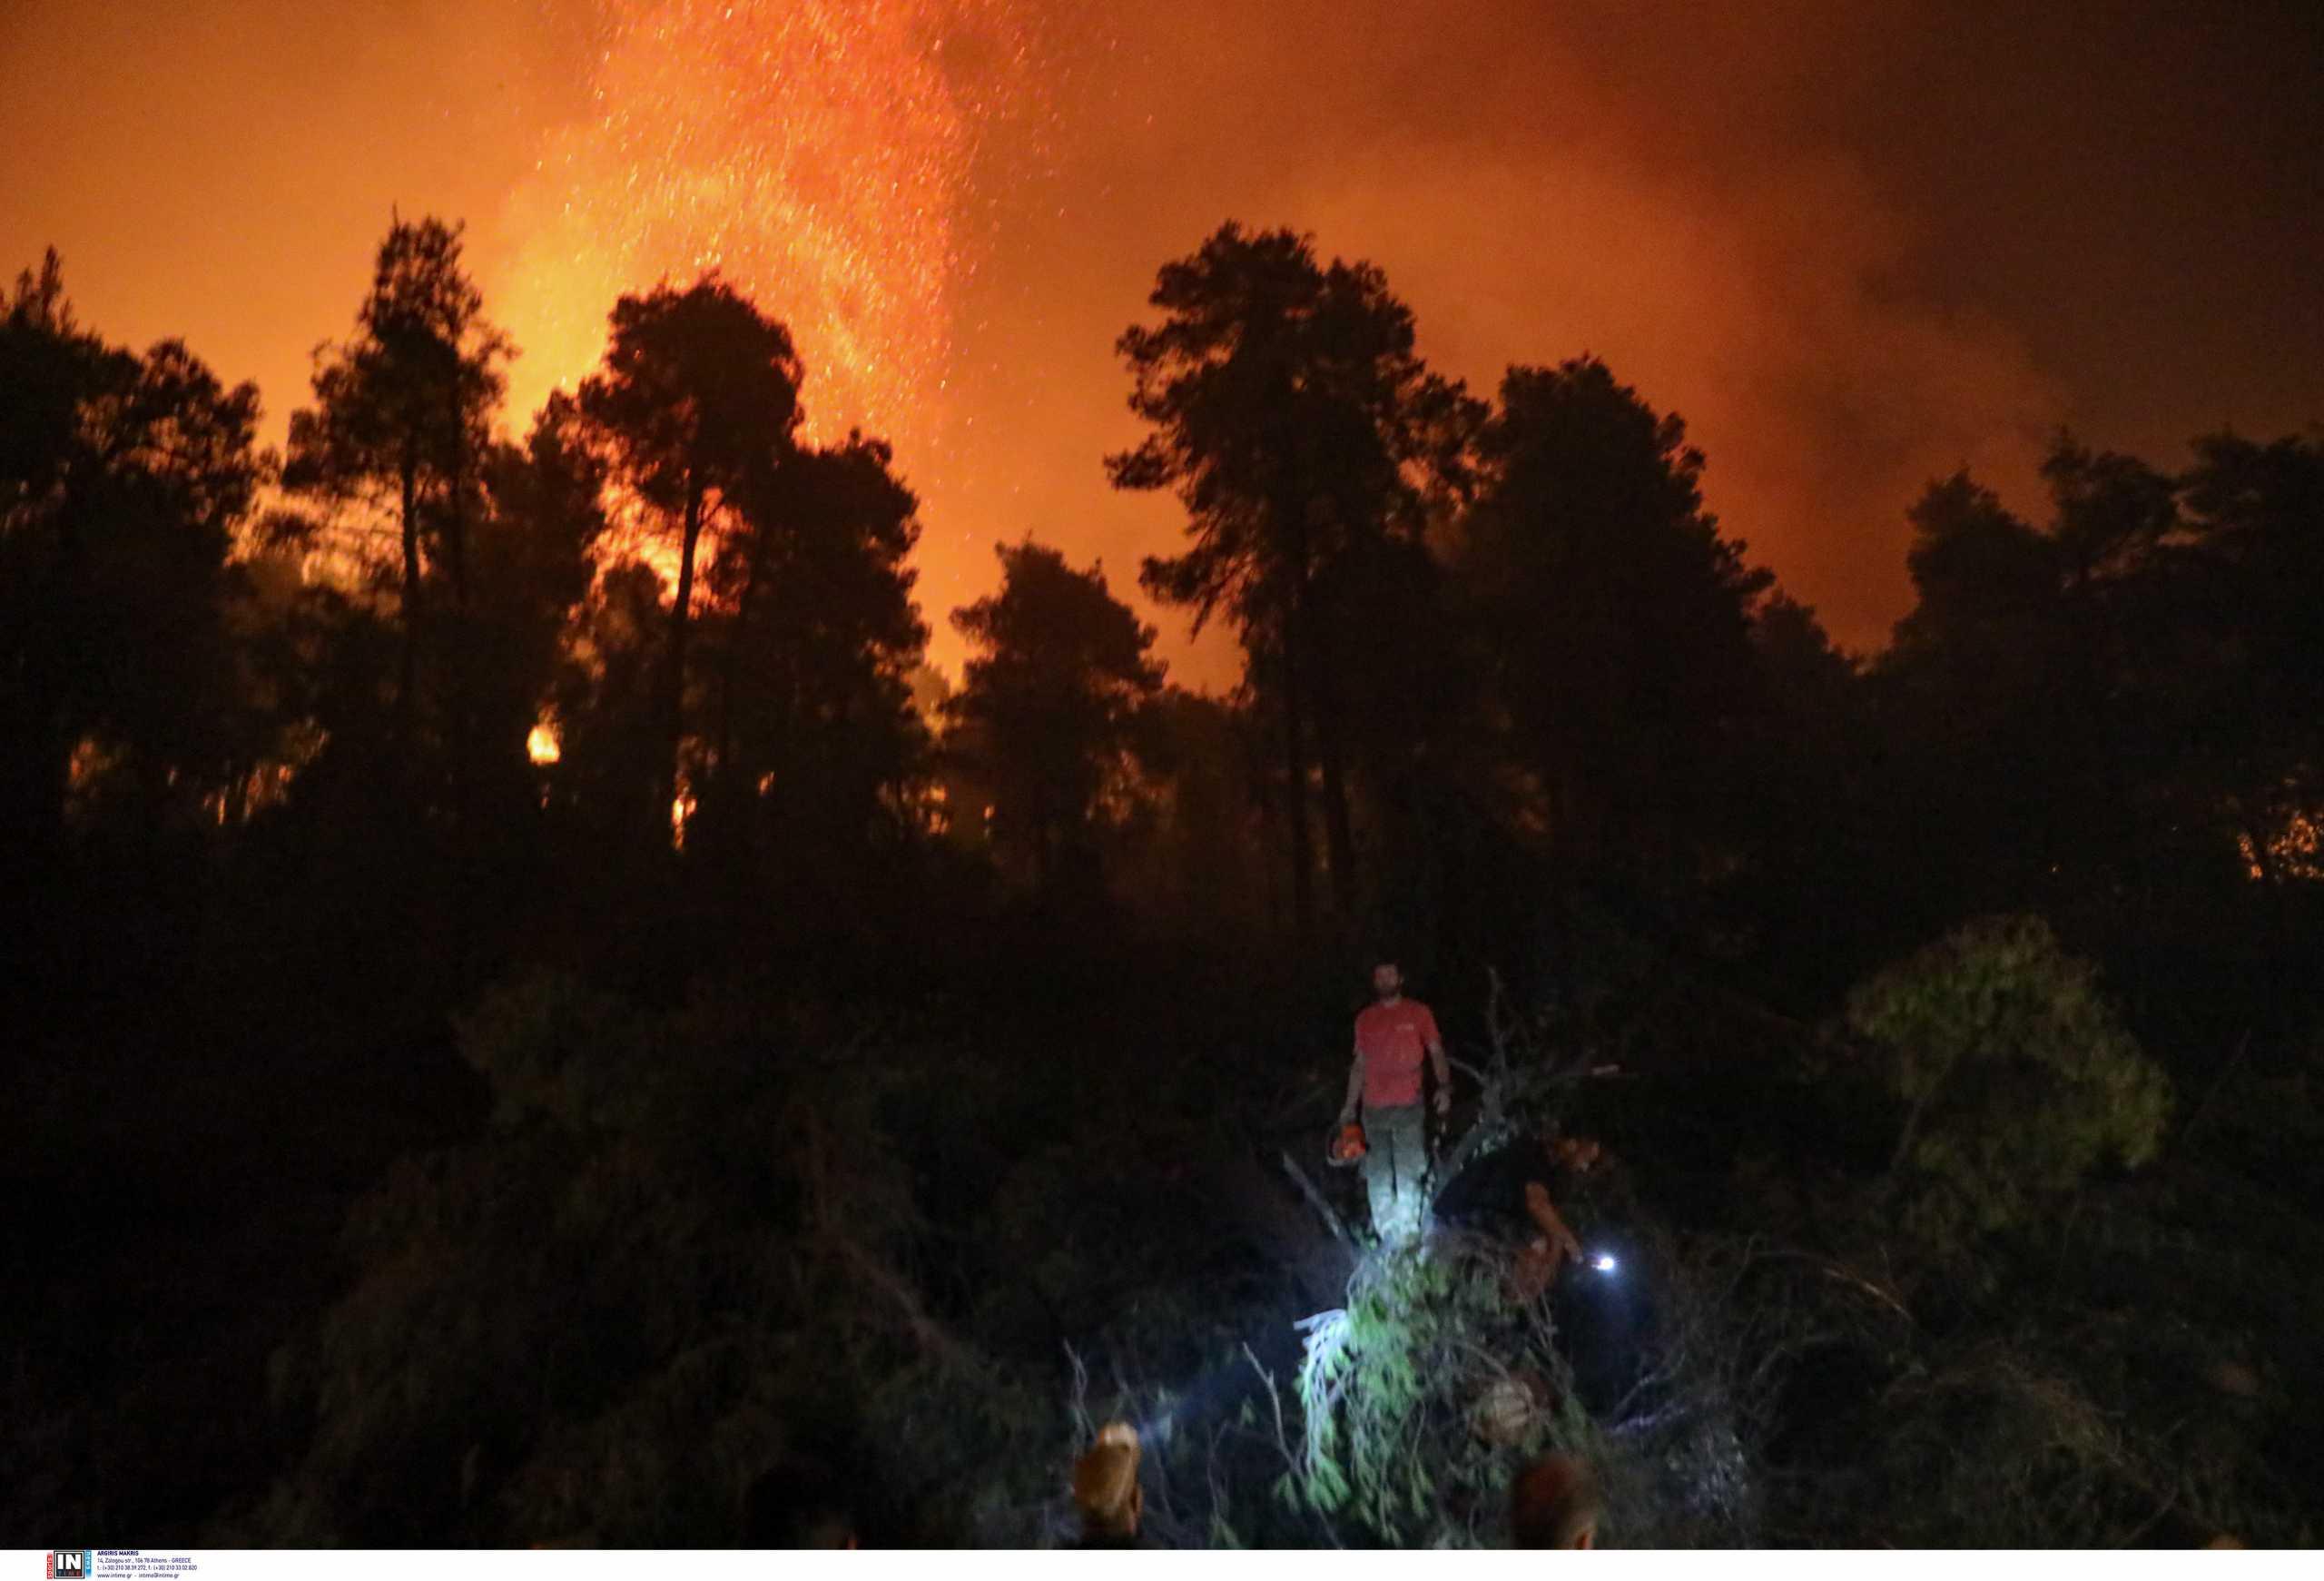 Φωτιά στην Εύβοια: Ο εφιάλτης συνεχίζεται για όγδοη ημέρα